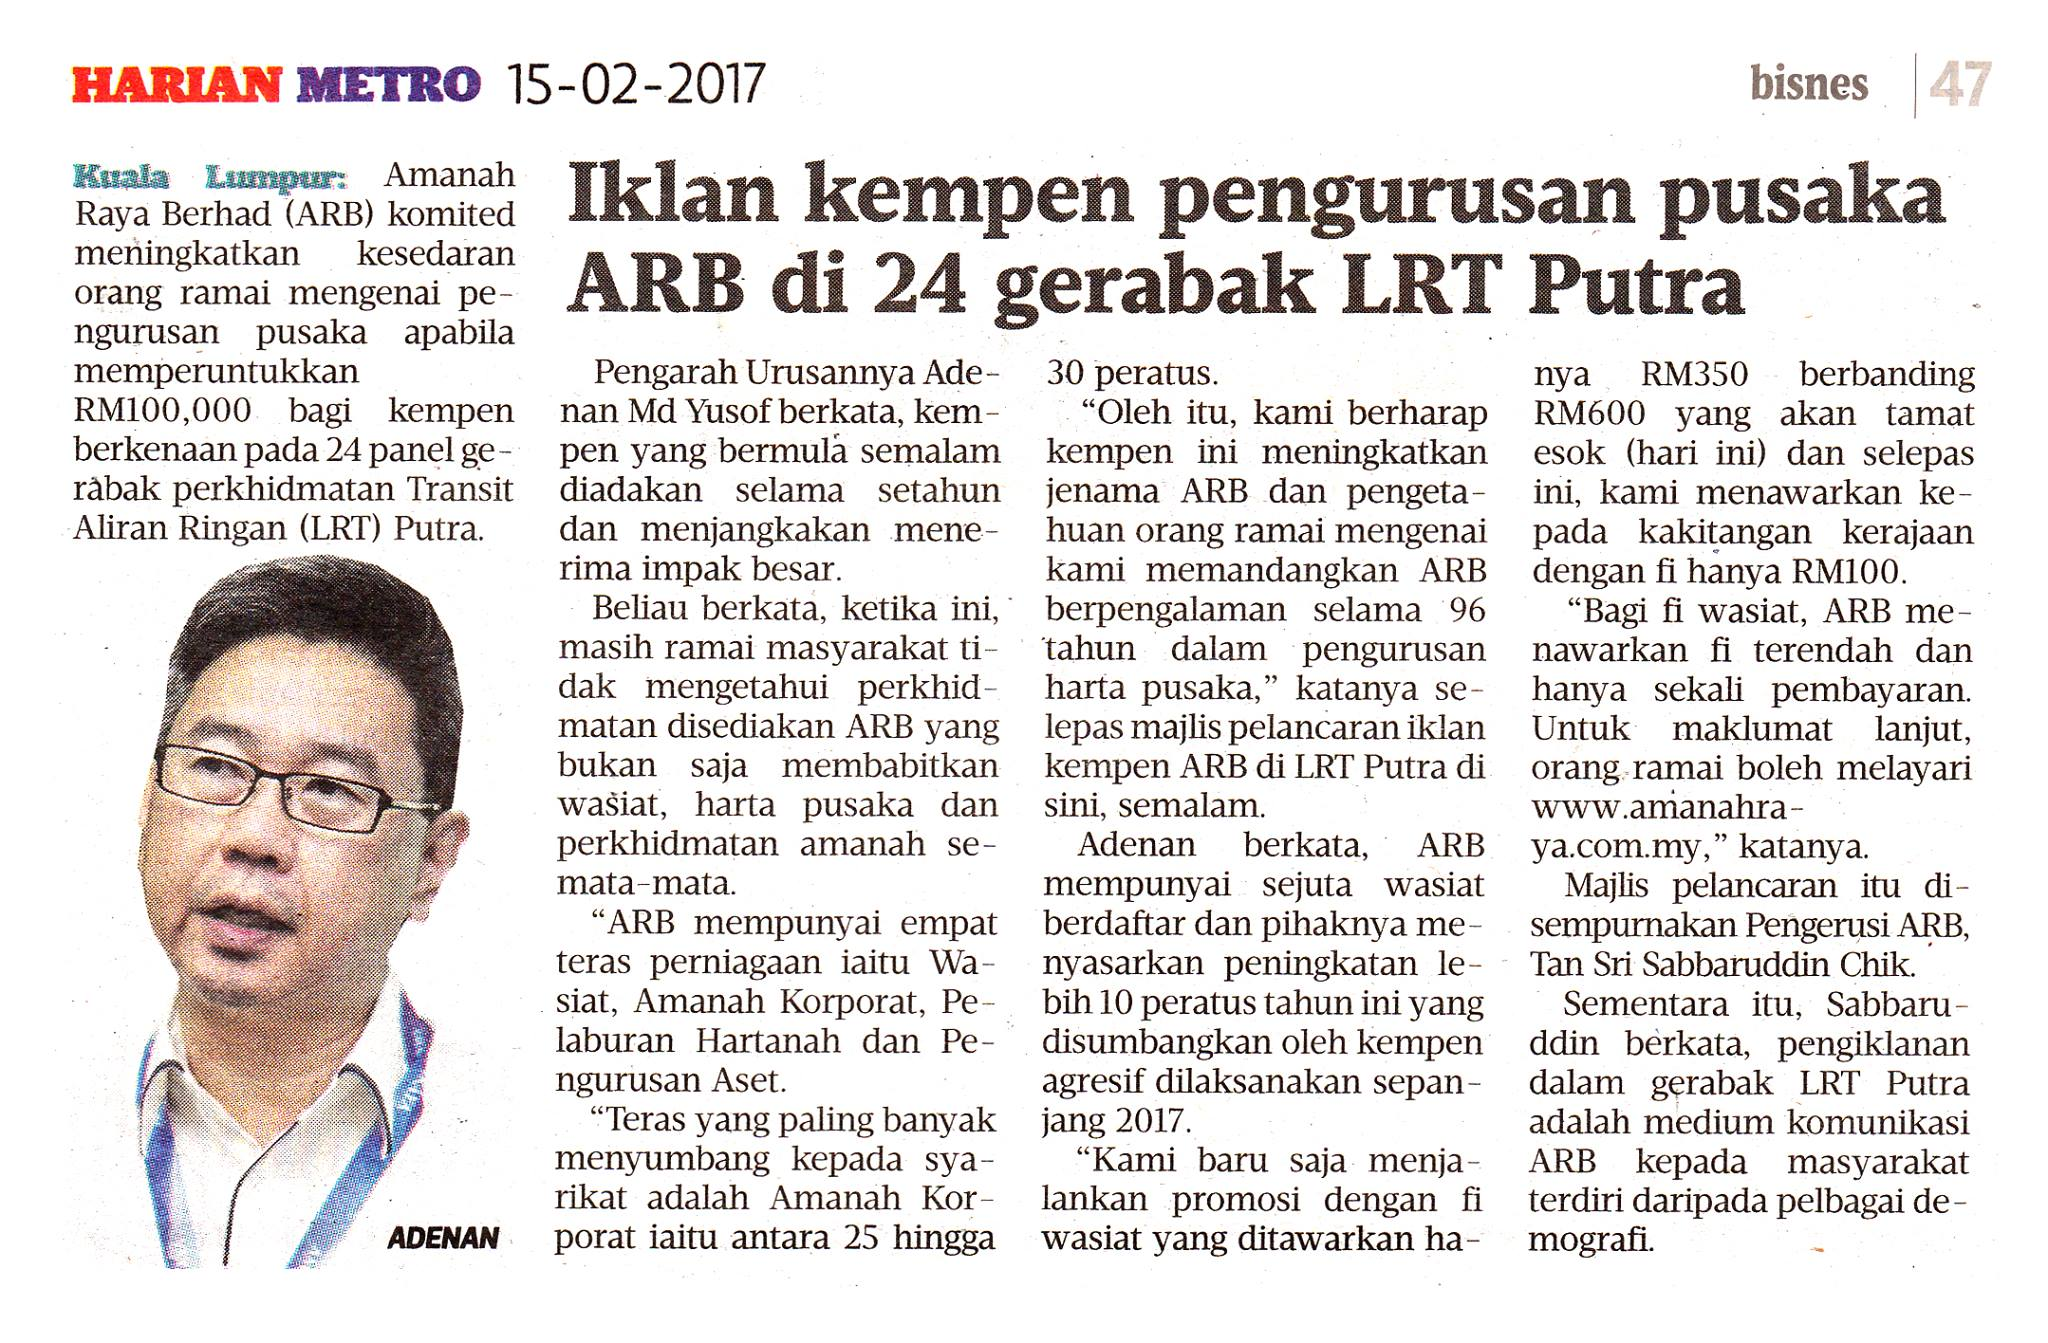 Amanah Raya Berhad (ARB) komited meningkatkan kesedaran orang ramai mengenai pengurusan pusaka apabila memperuntukkan RM100,000 bagi kempen berkenaan pada 24 panel gerabak perkhidmatan Transit Aliran Ringan (LRT) Putra.